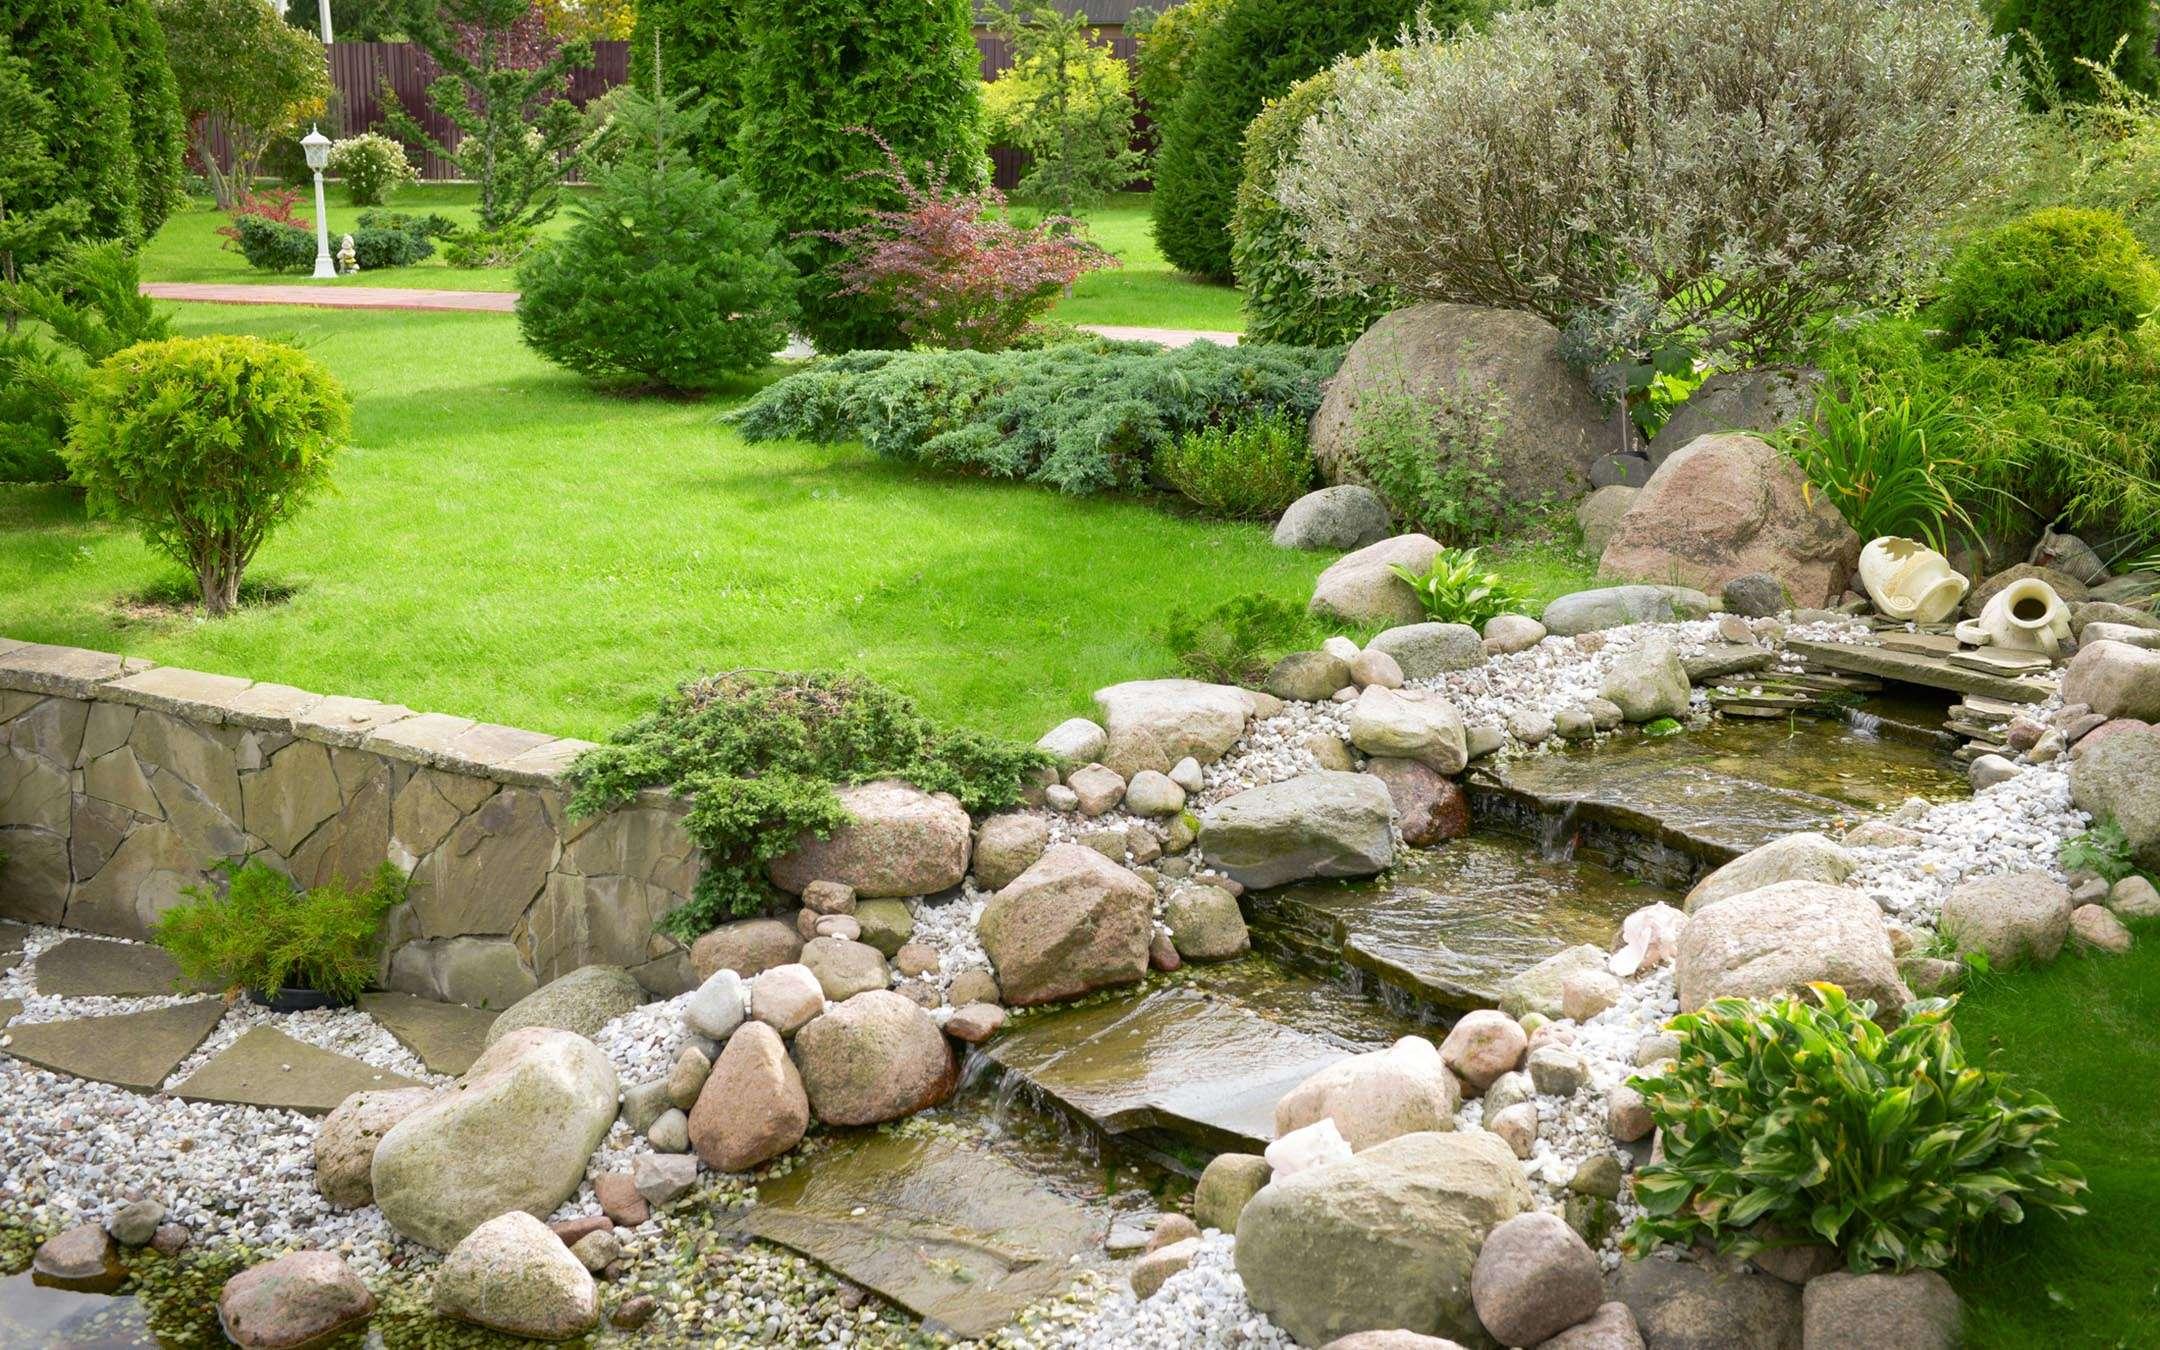 Giardino roccioso: fai da te o progettazione professionale